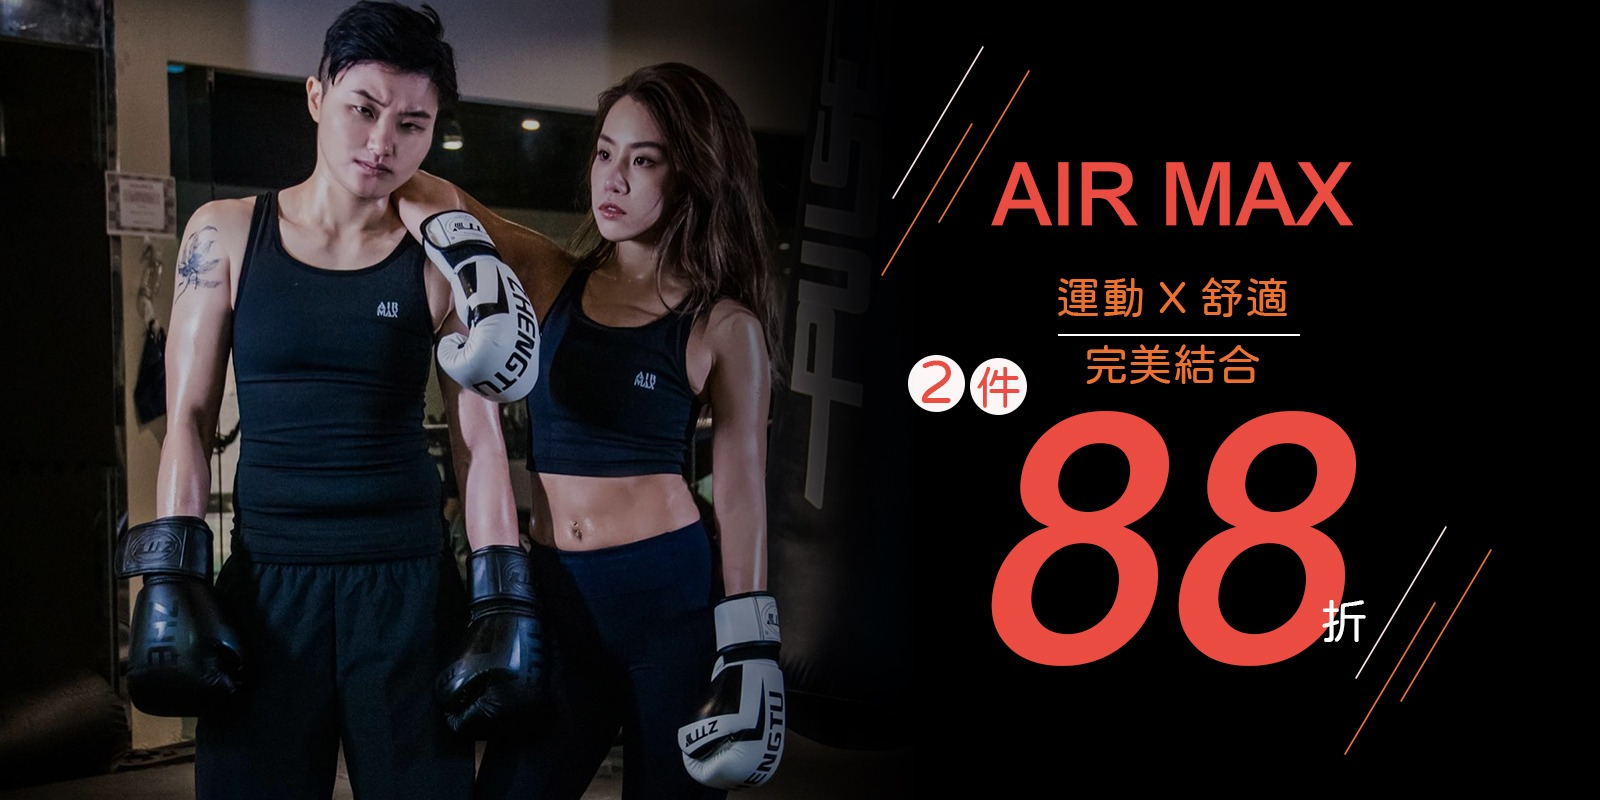 AIR MAX兩件88折